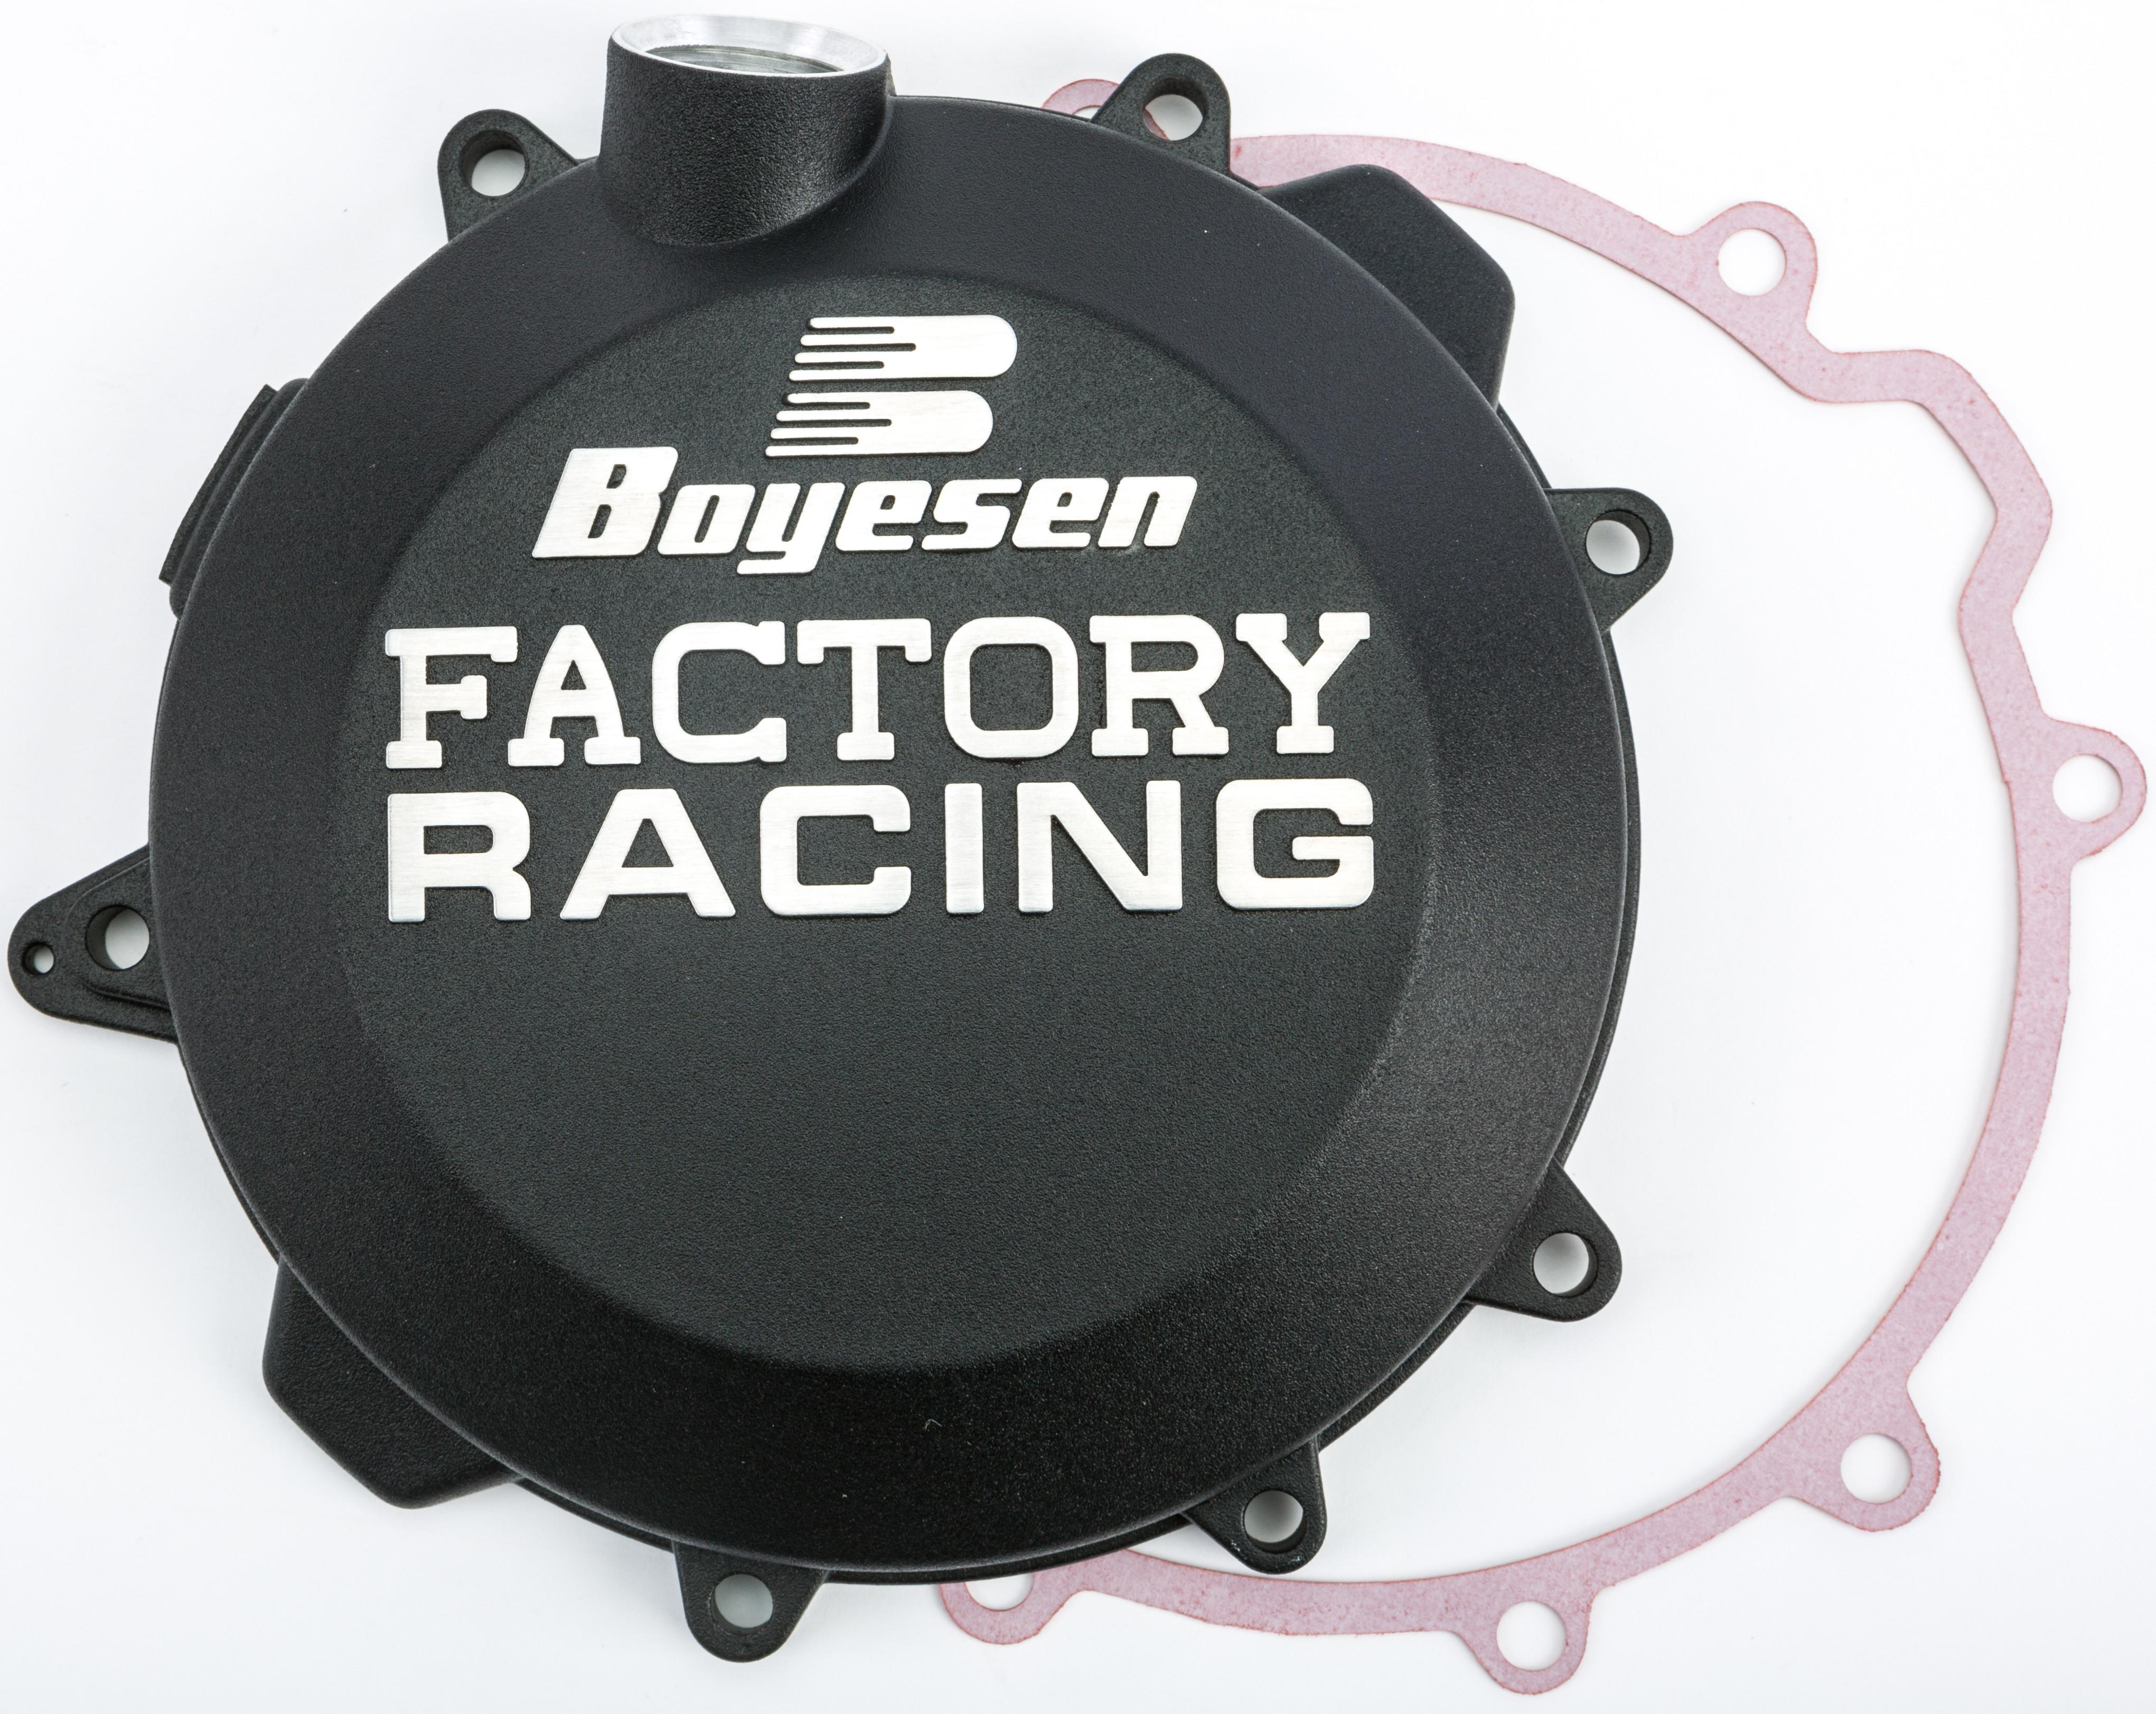 Boyesen CC-37B Black Factory Racing Clutch Cover